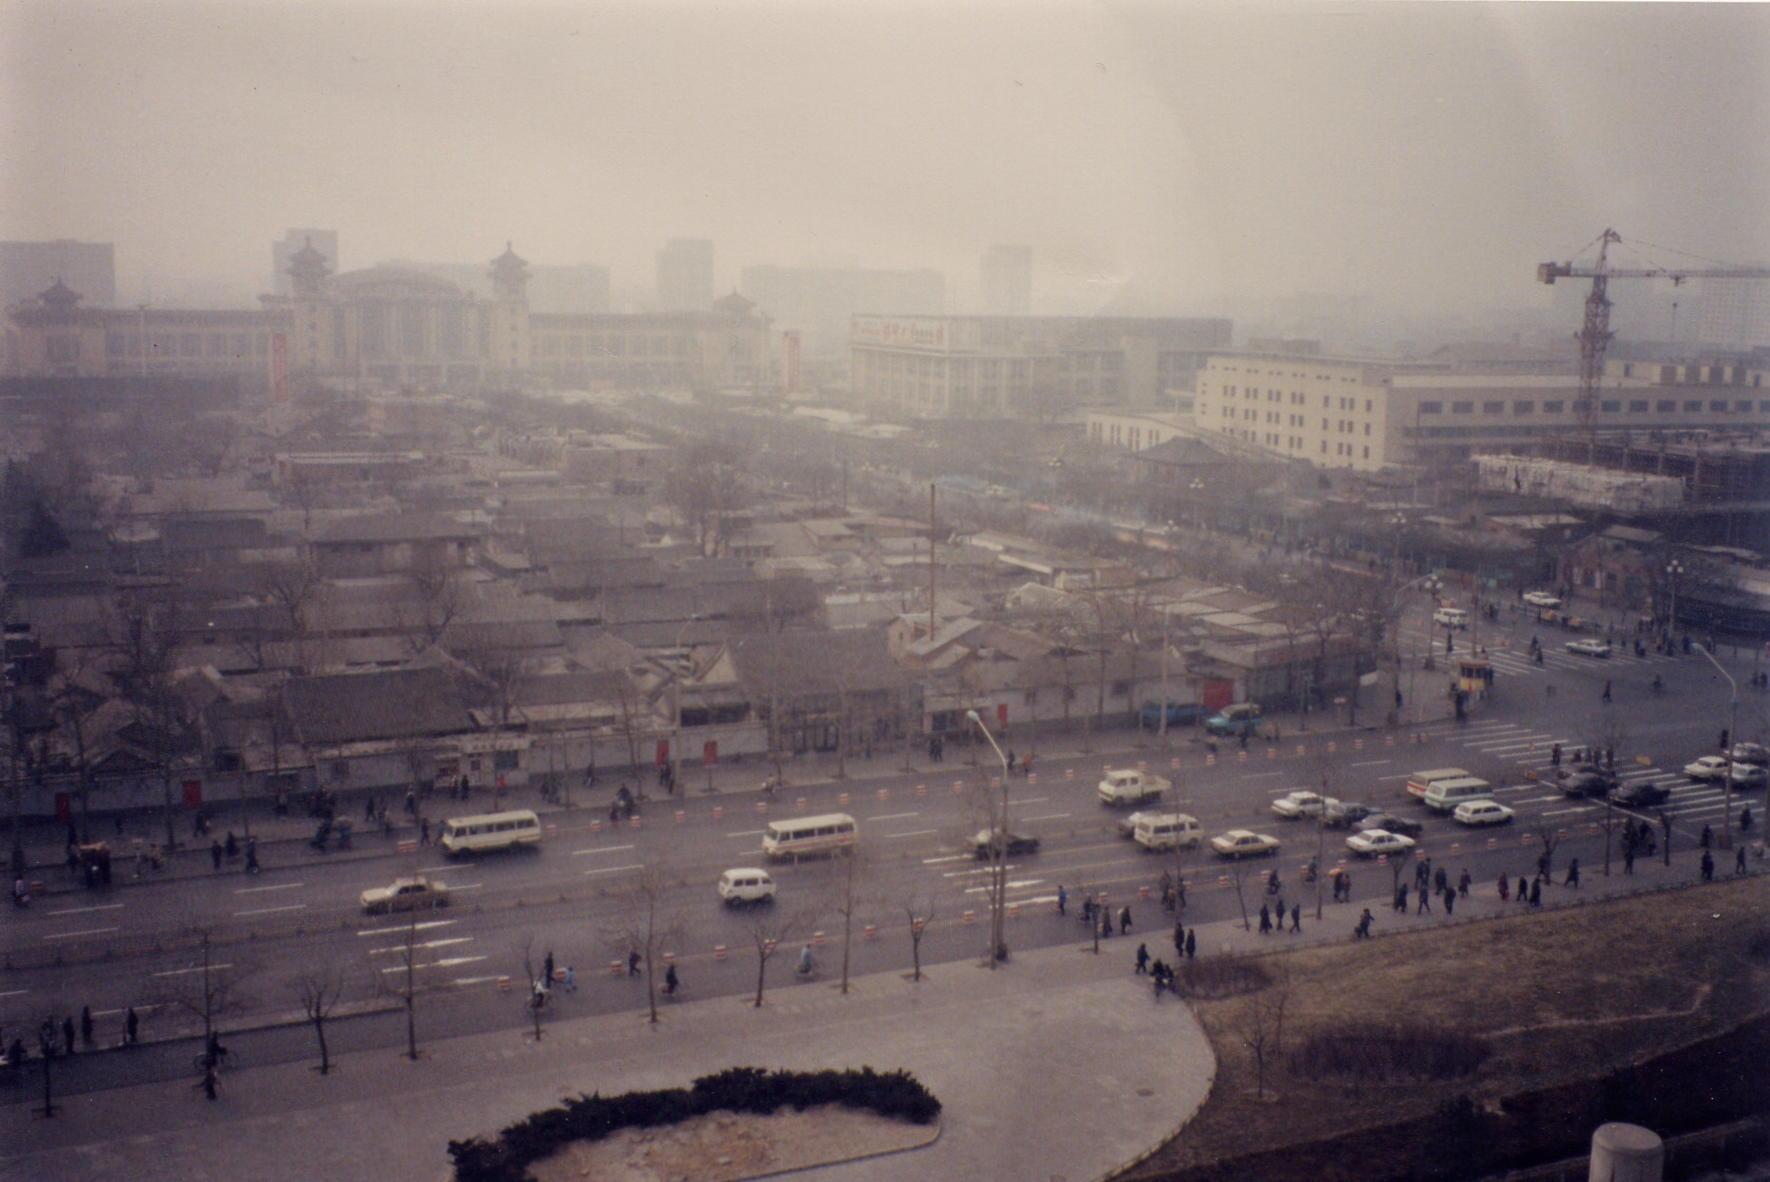 Kiinan Pääkaupunki